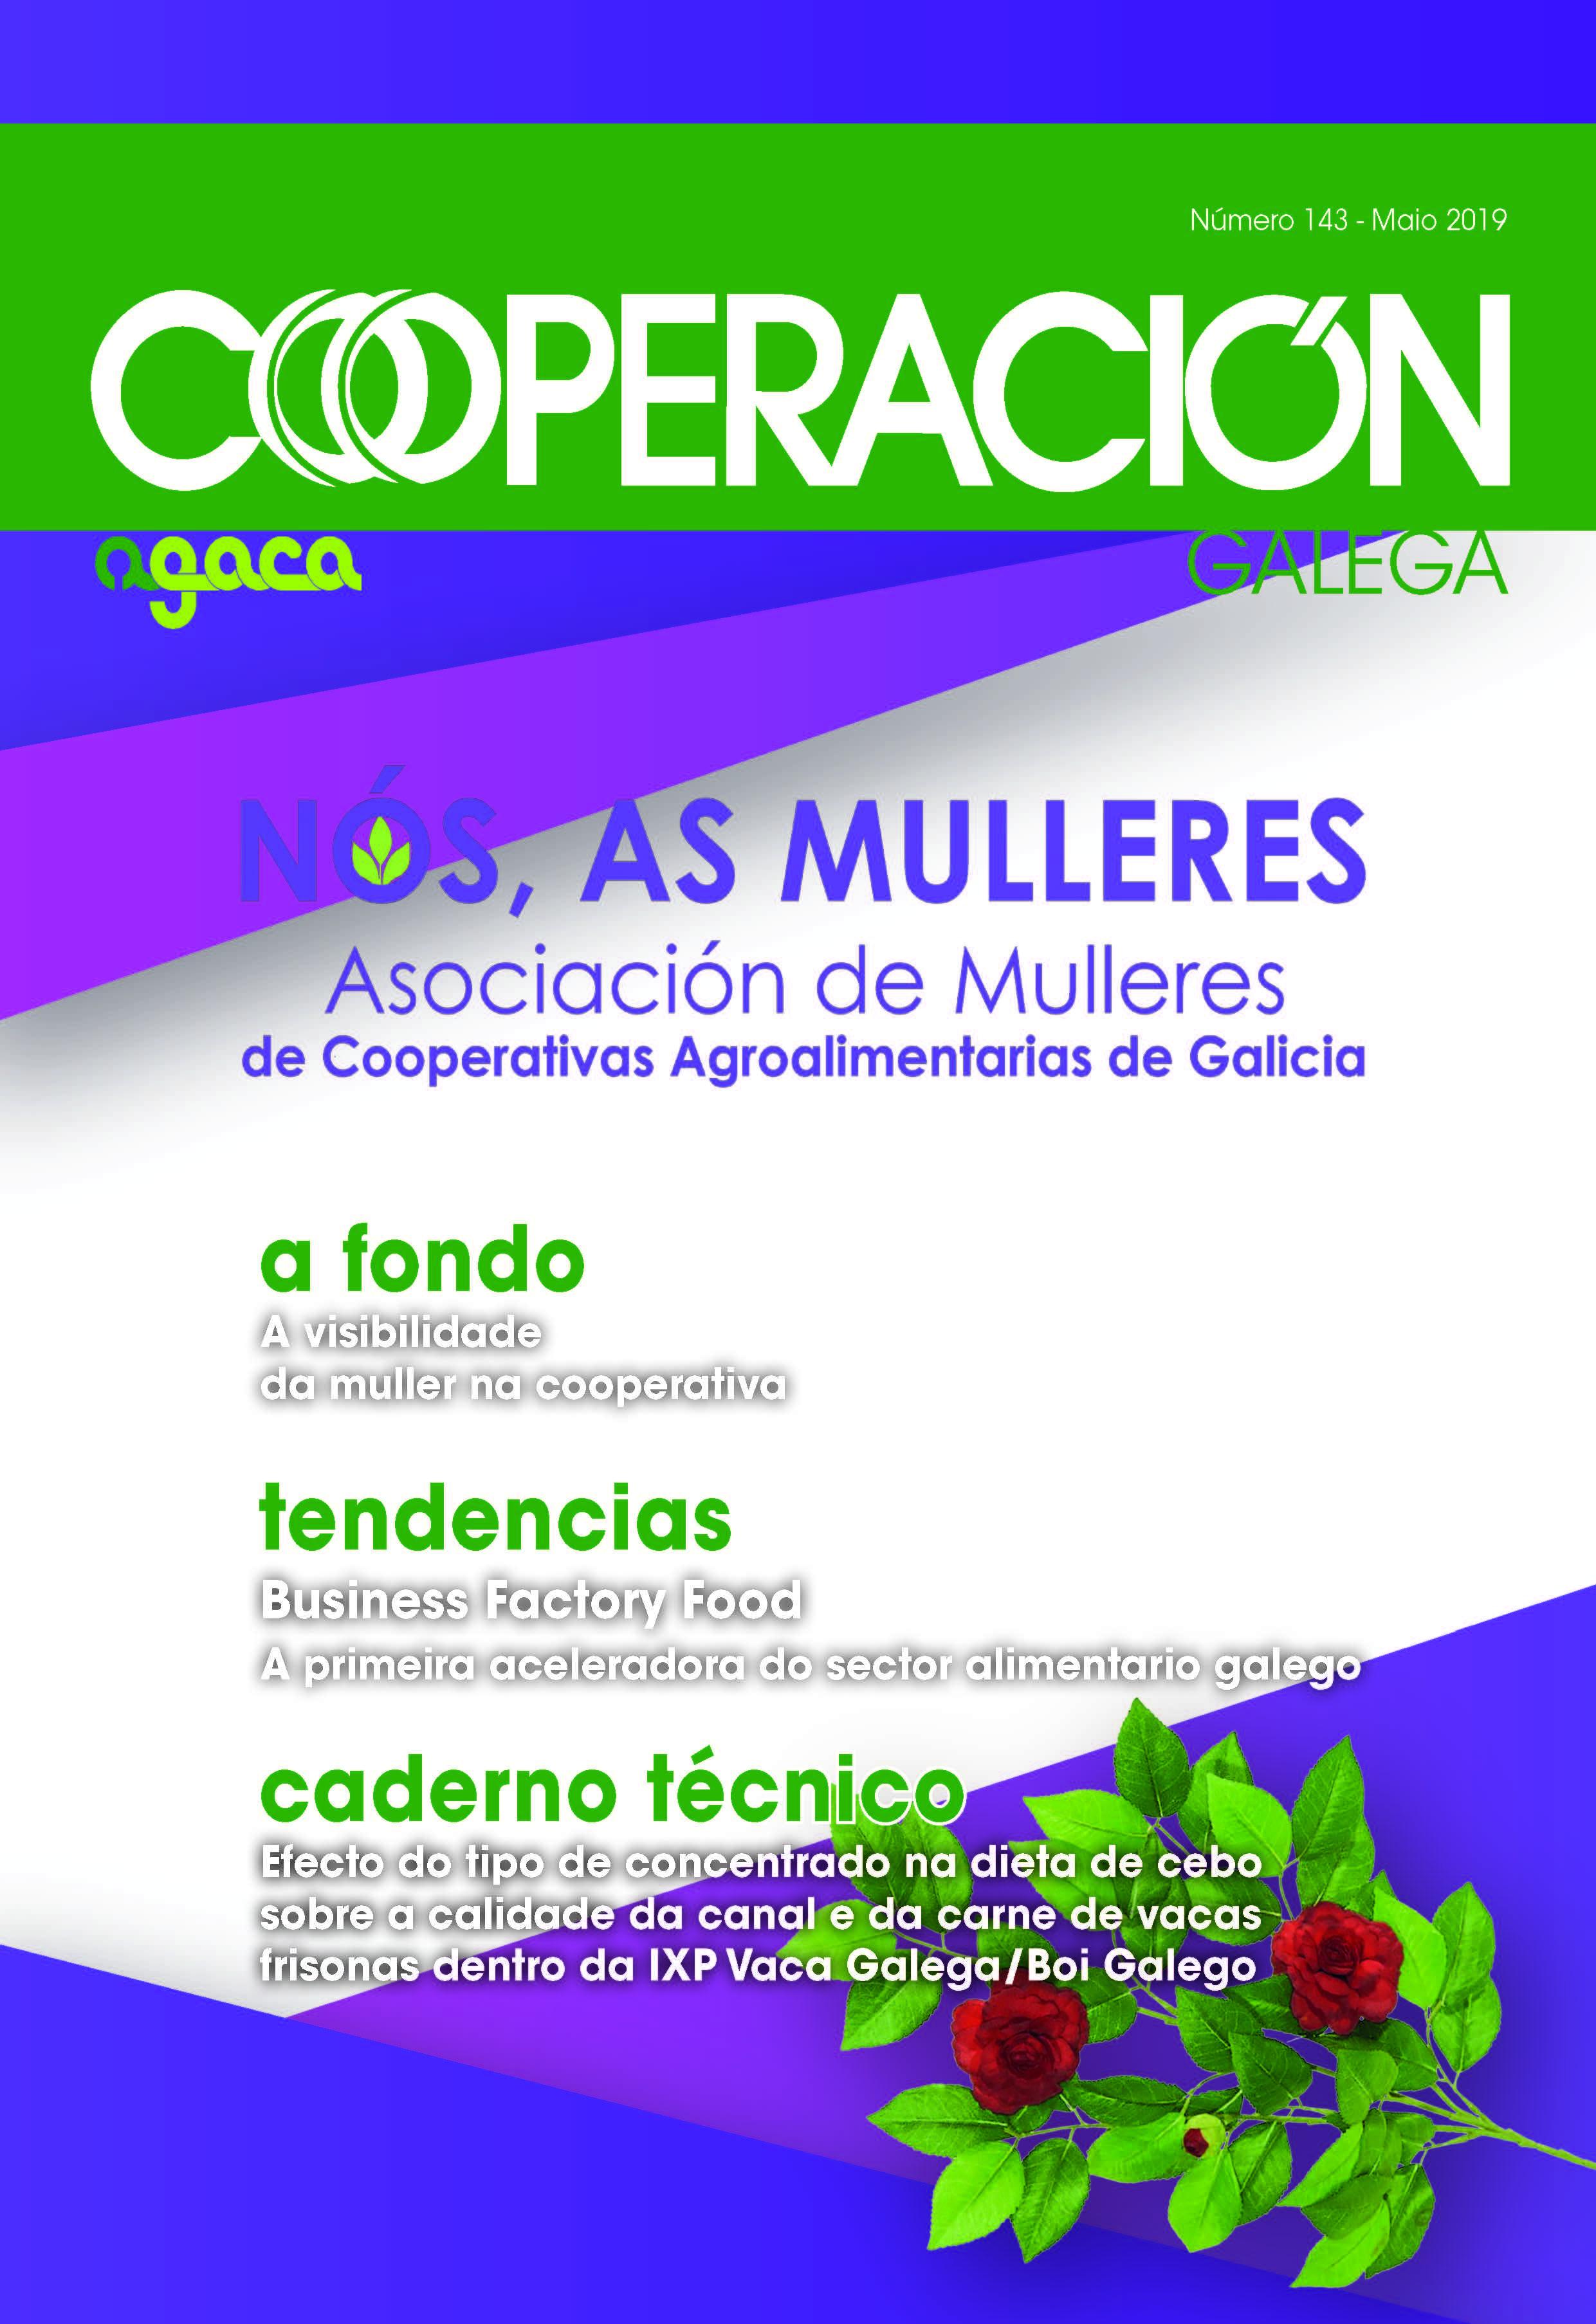 Cooperación Galega Nº 143 Maio 2019